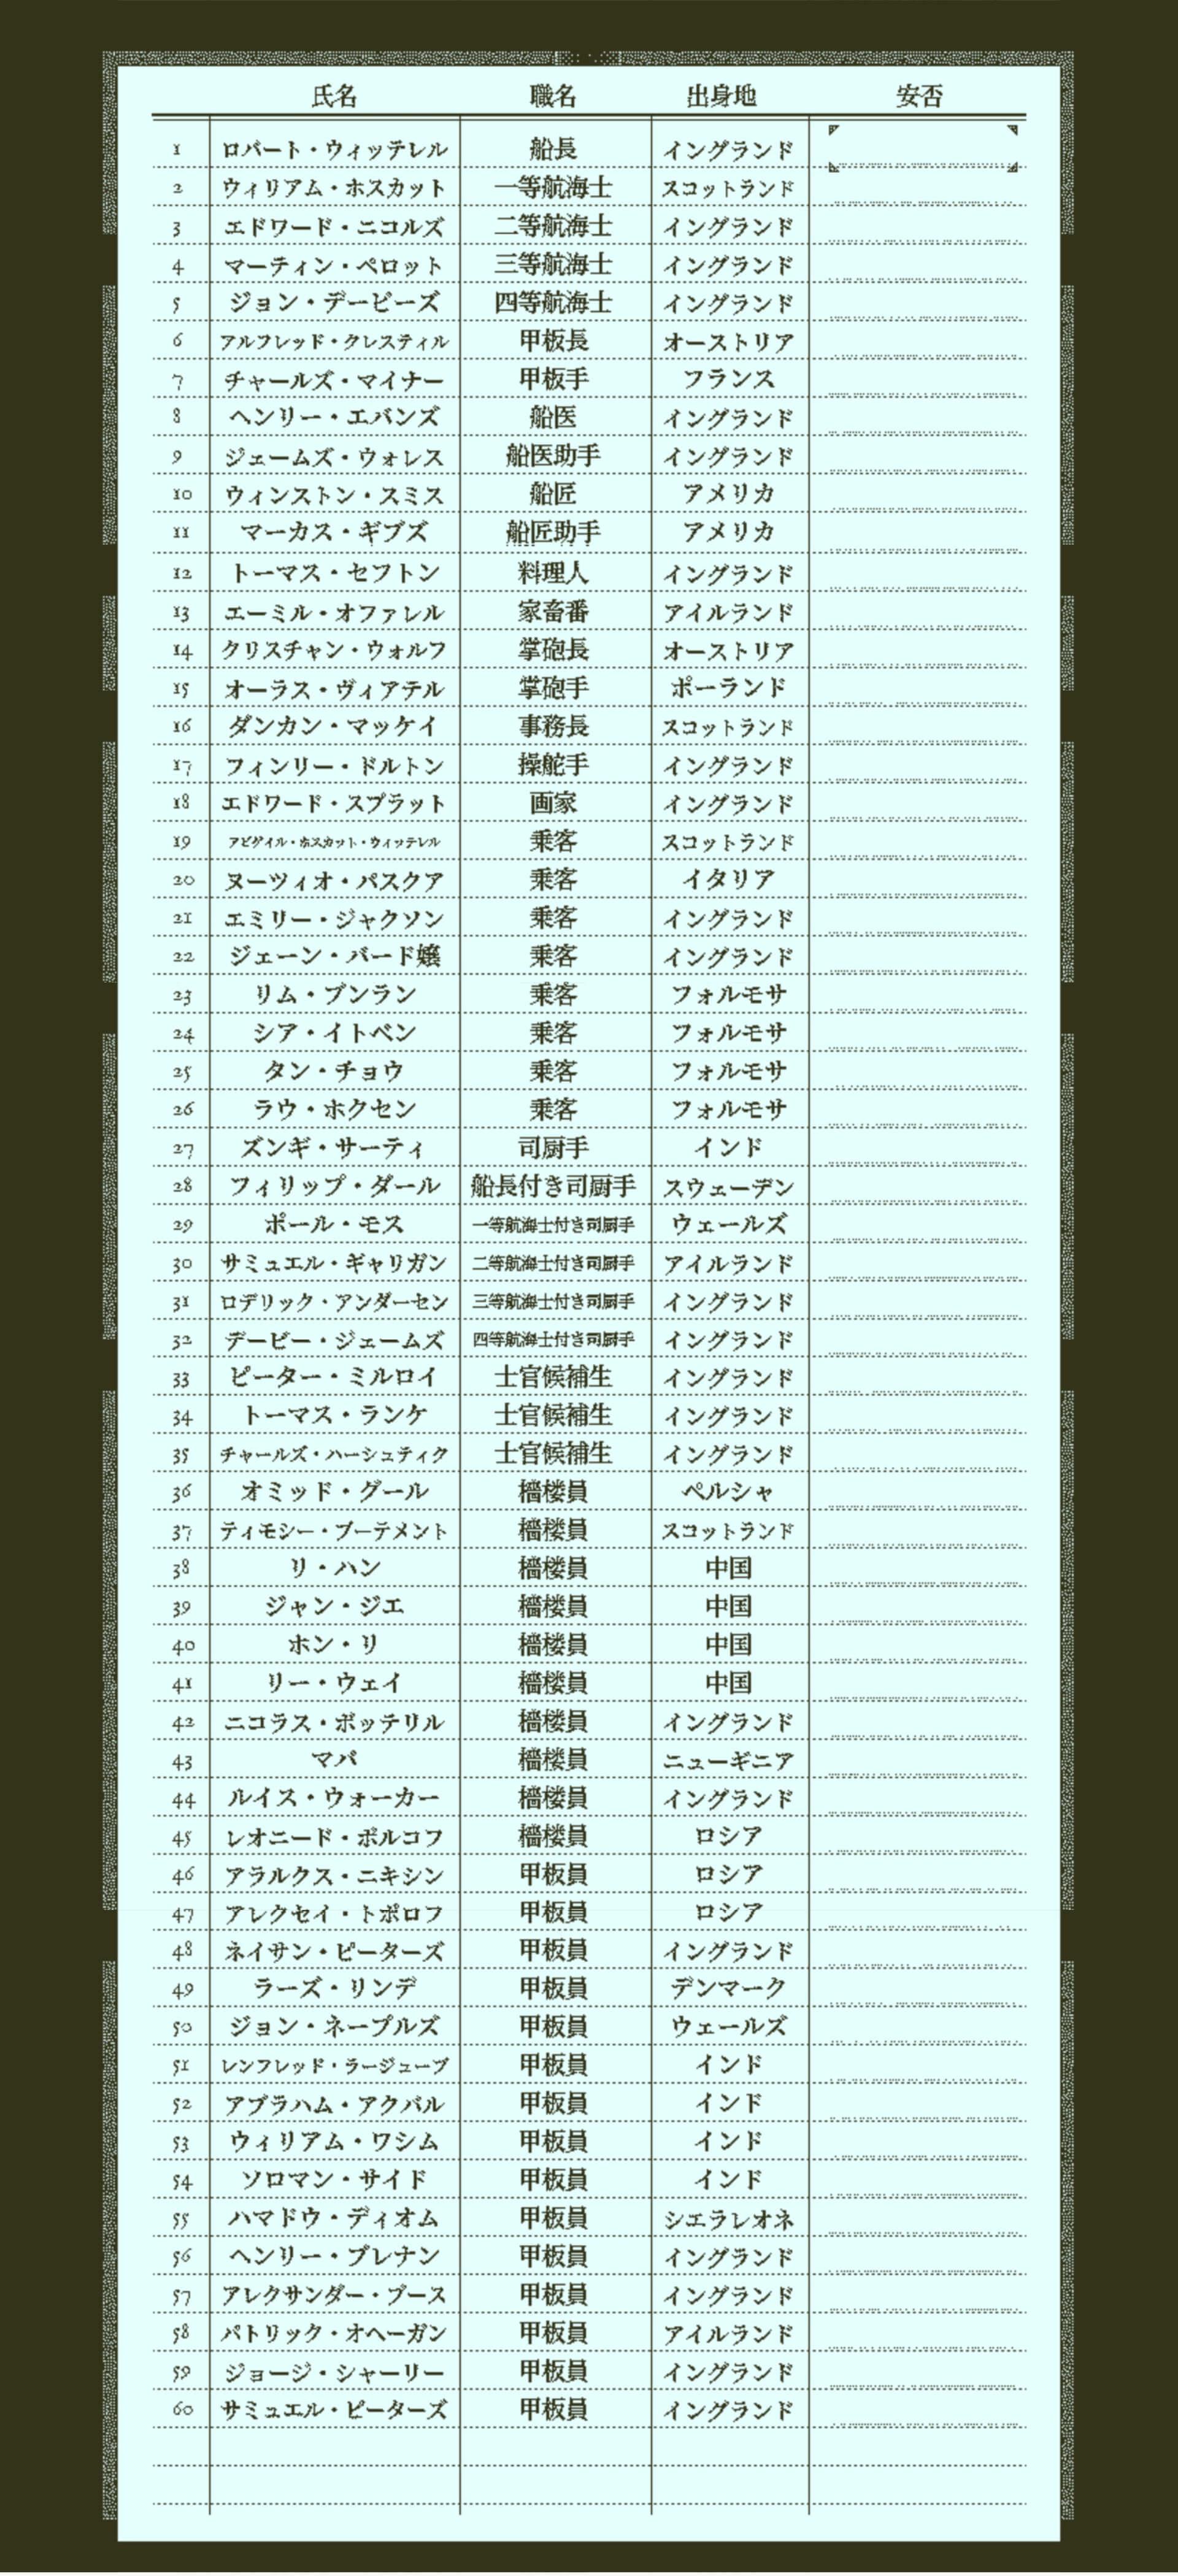 オブラ・ディン号乗員名簿